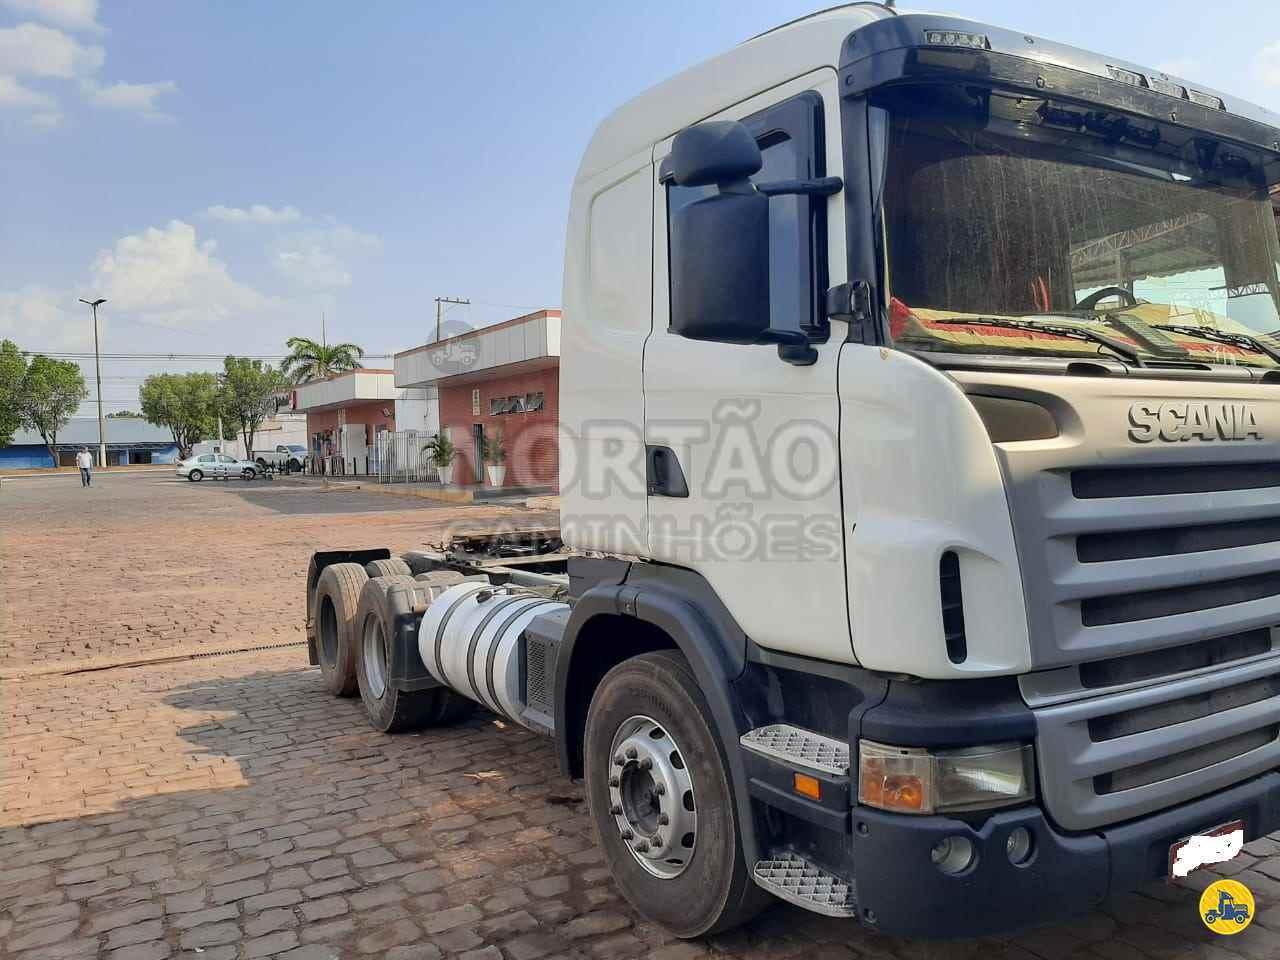 CAMINHAO SCANIA SCANIA 420 Cavalo Mecânico Truck 6x2 Nortão Caminhões VARZEA GRANDE MATO GROSSO MT